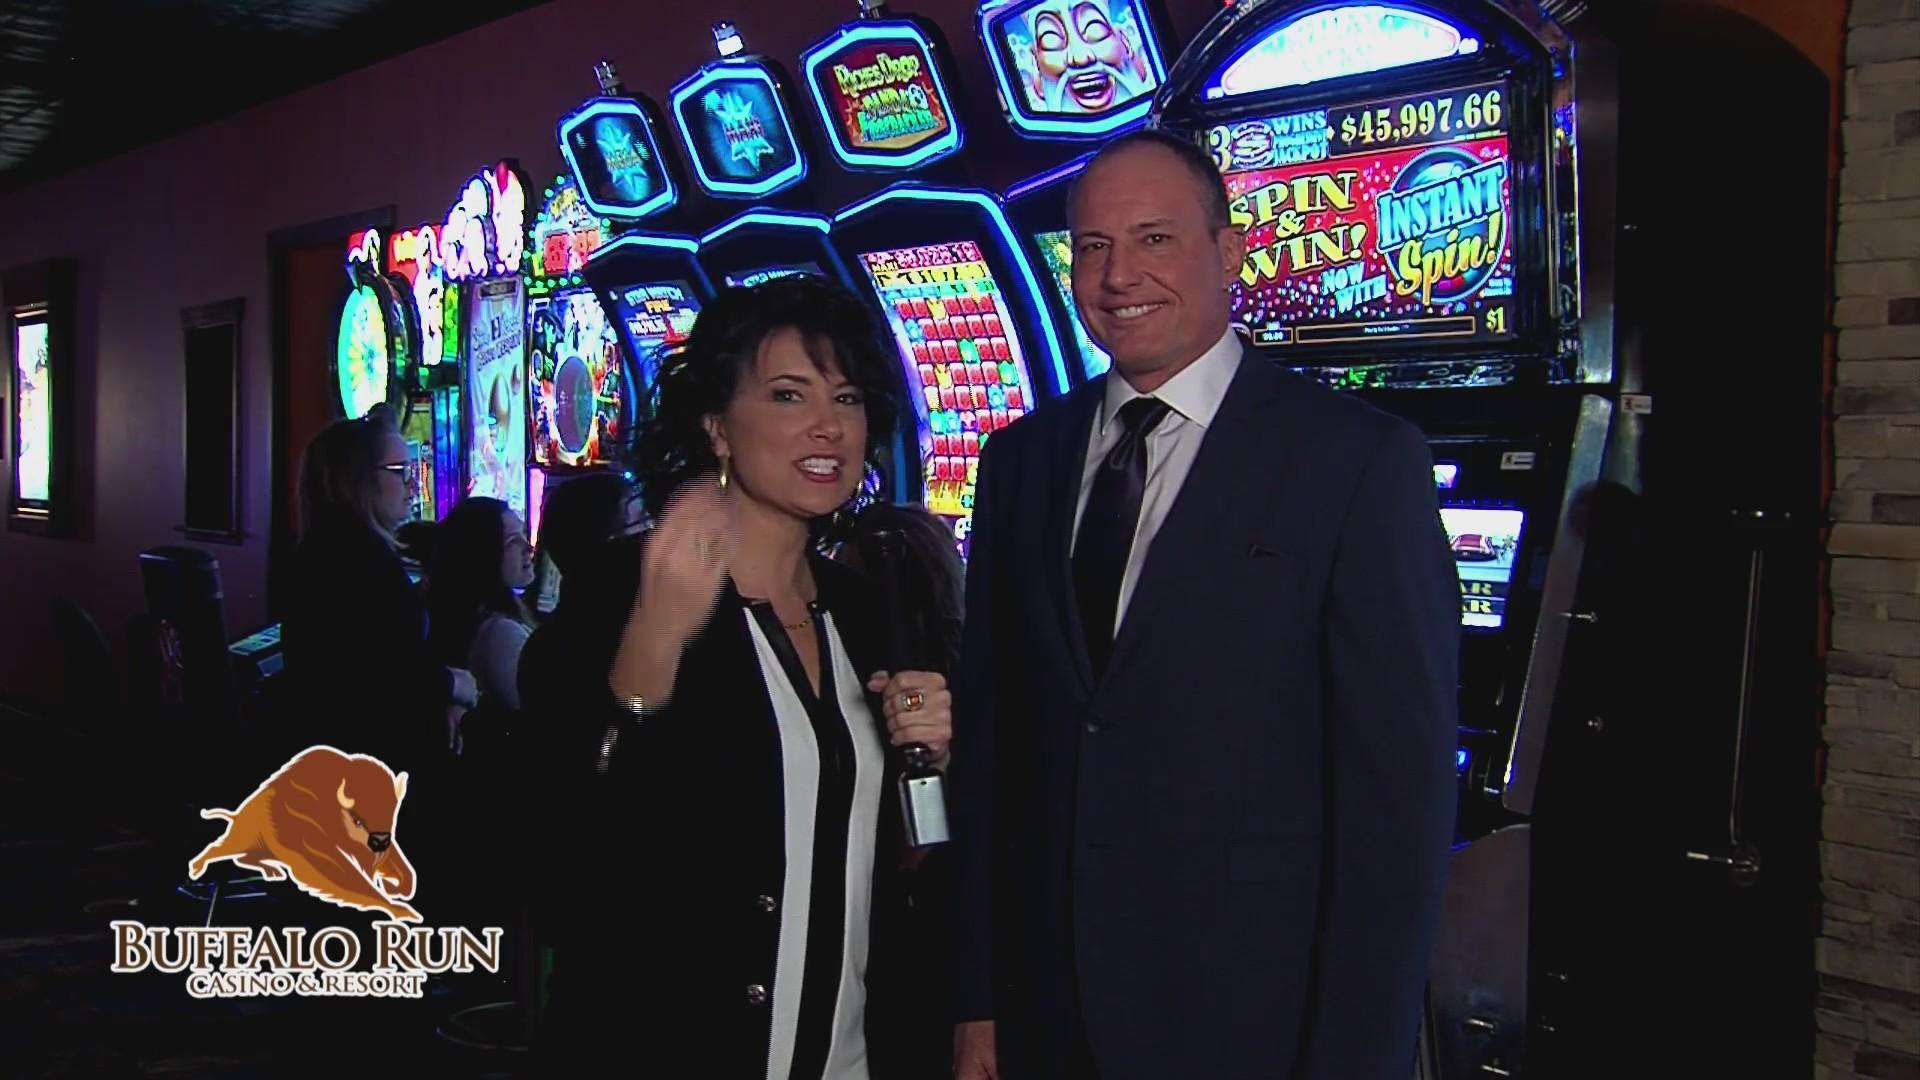 Casino klas 12